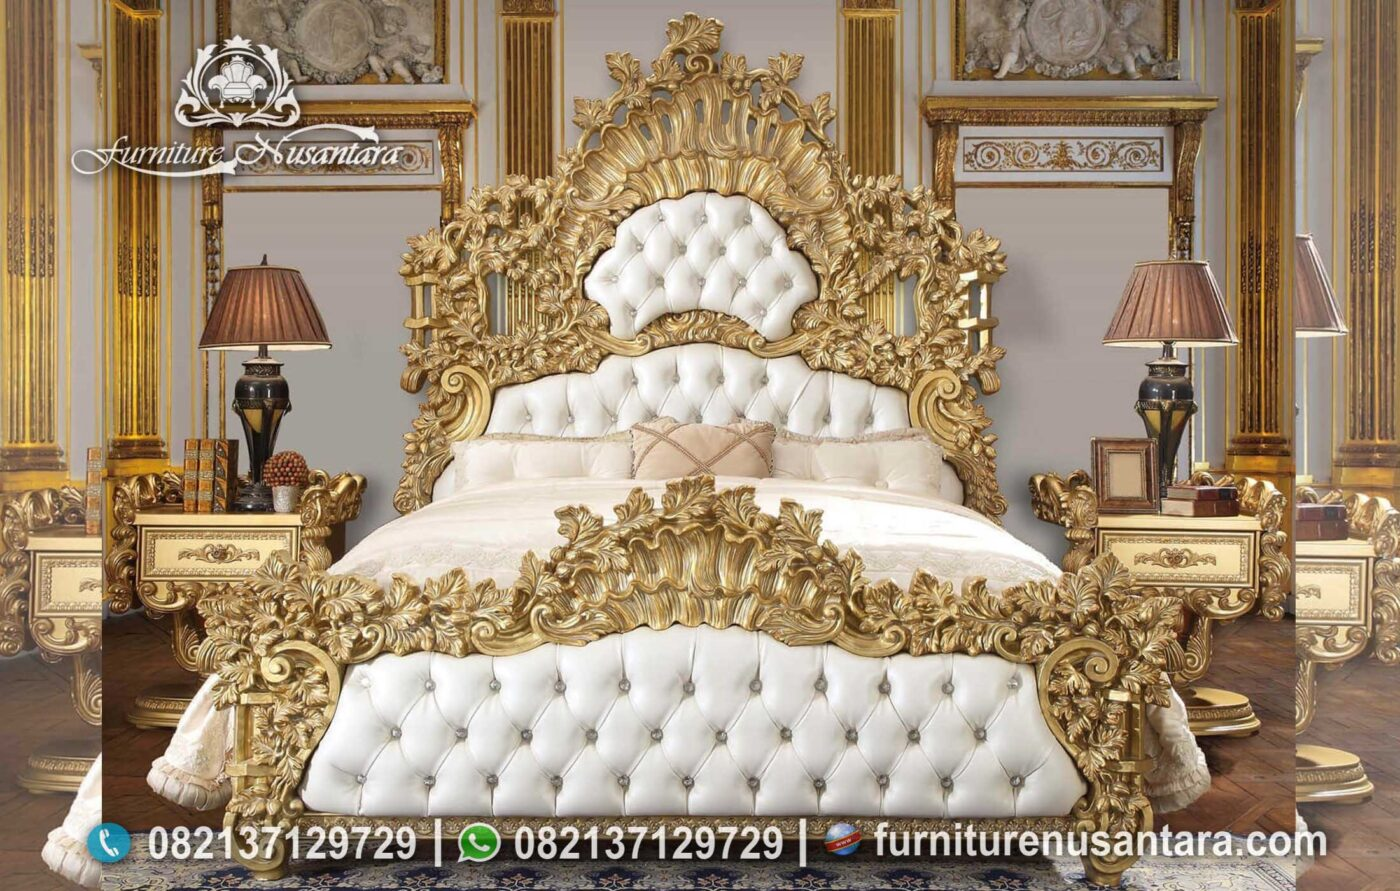 Tempat Tidur Ukir Gold Termewah Terbaik KS-178, Furniture Nusantara